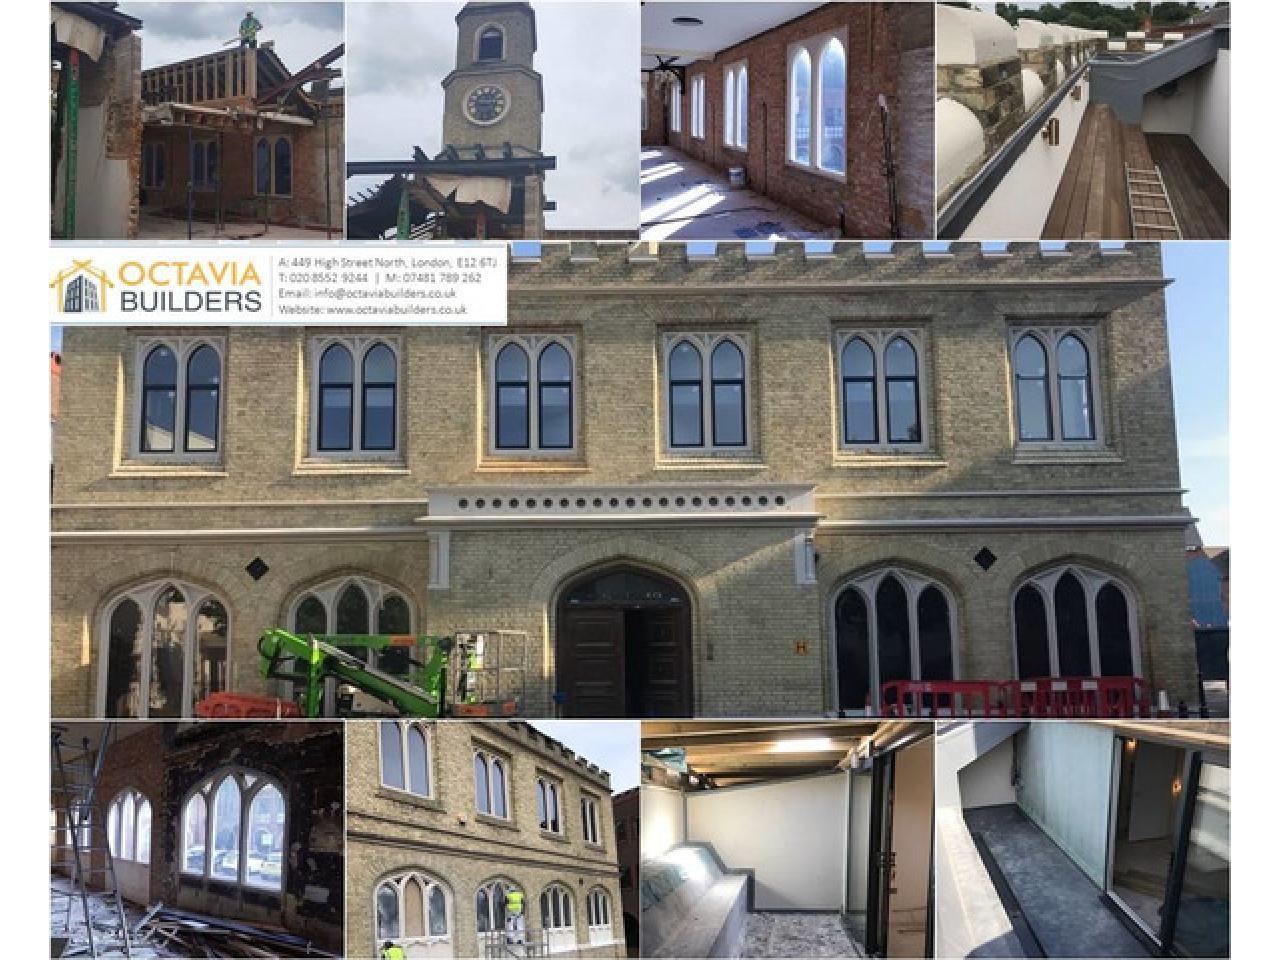 Octavia Builders - Высококвалифицированные специалисты - 9